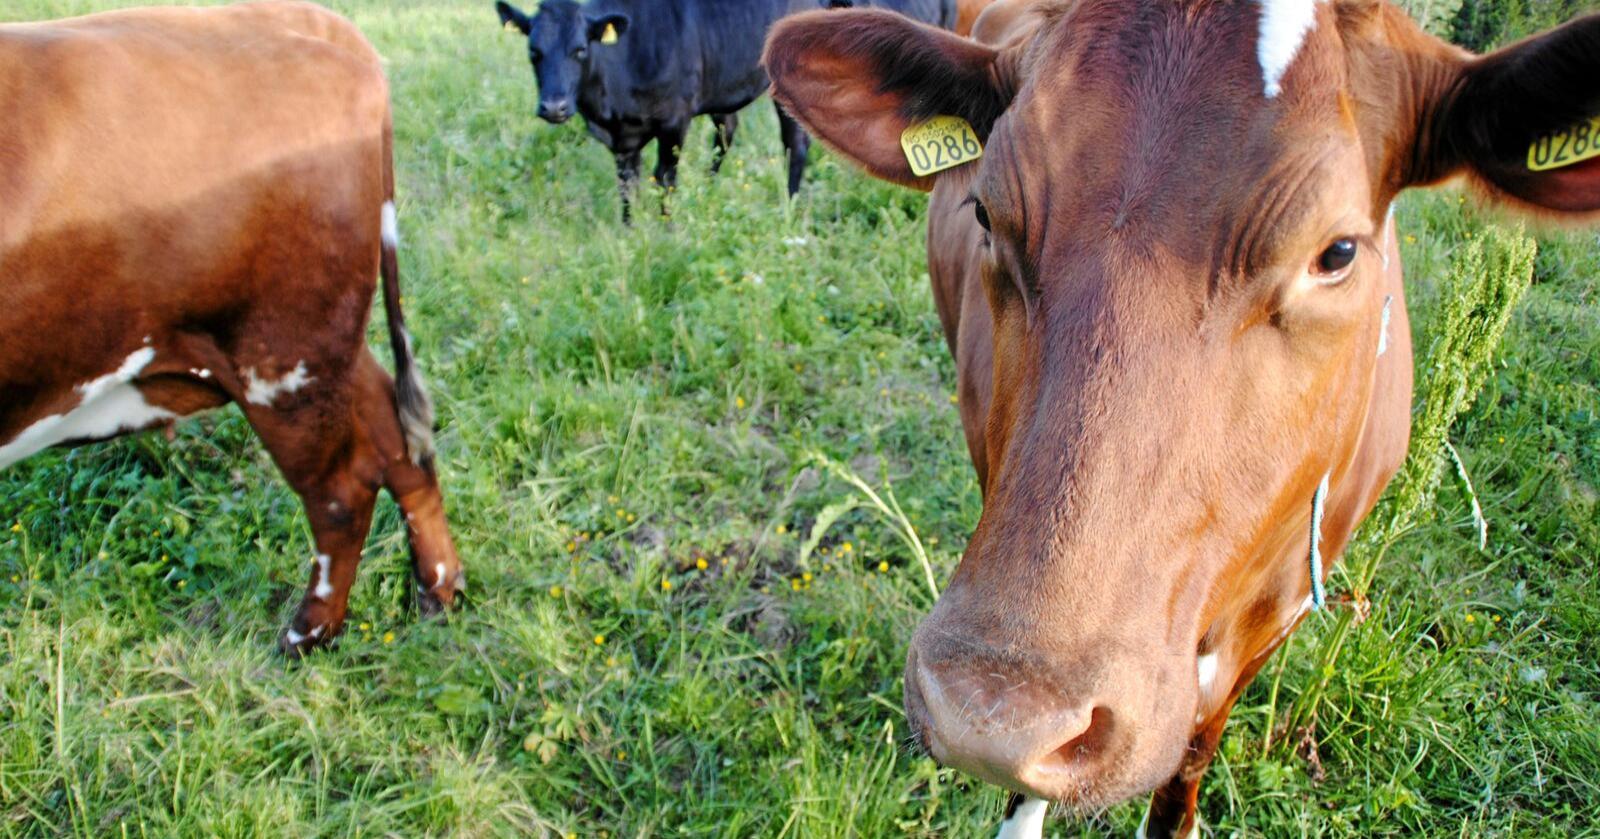 Geno skal avle på den kua som slipper ut minst metan. Illustrasjonsfoto: Lars Bilit Hagen